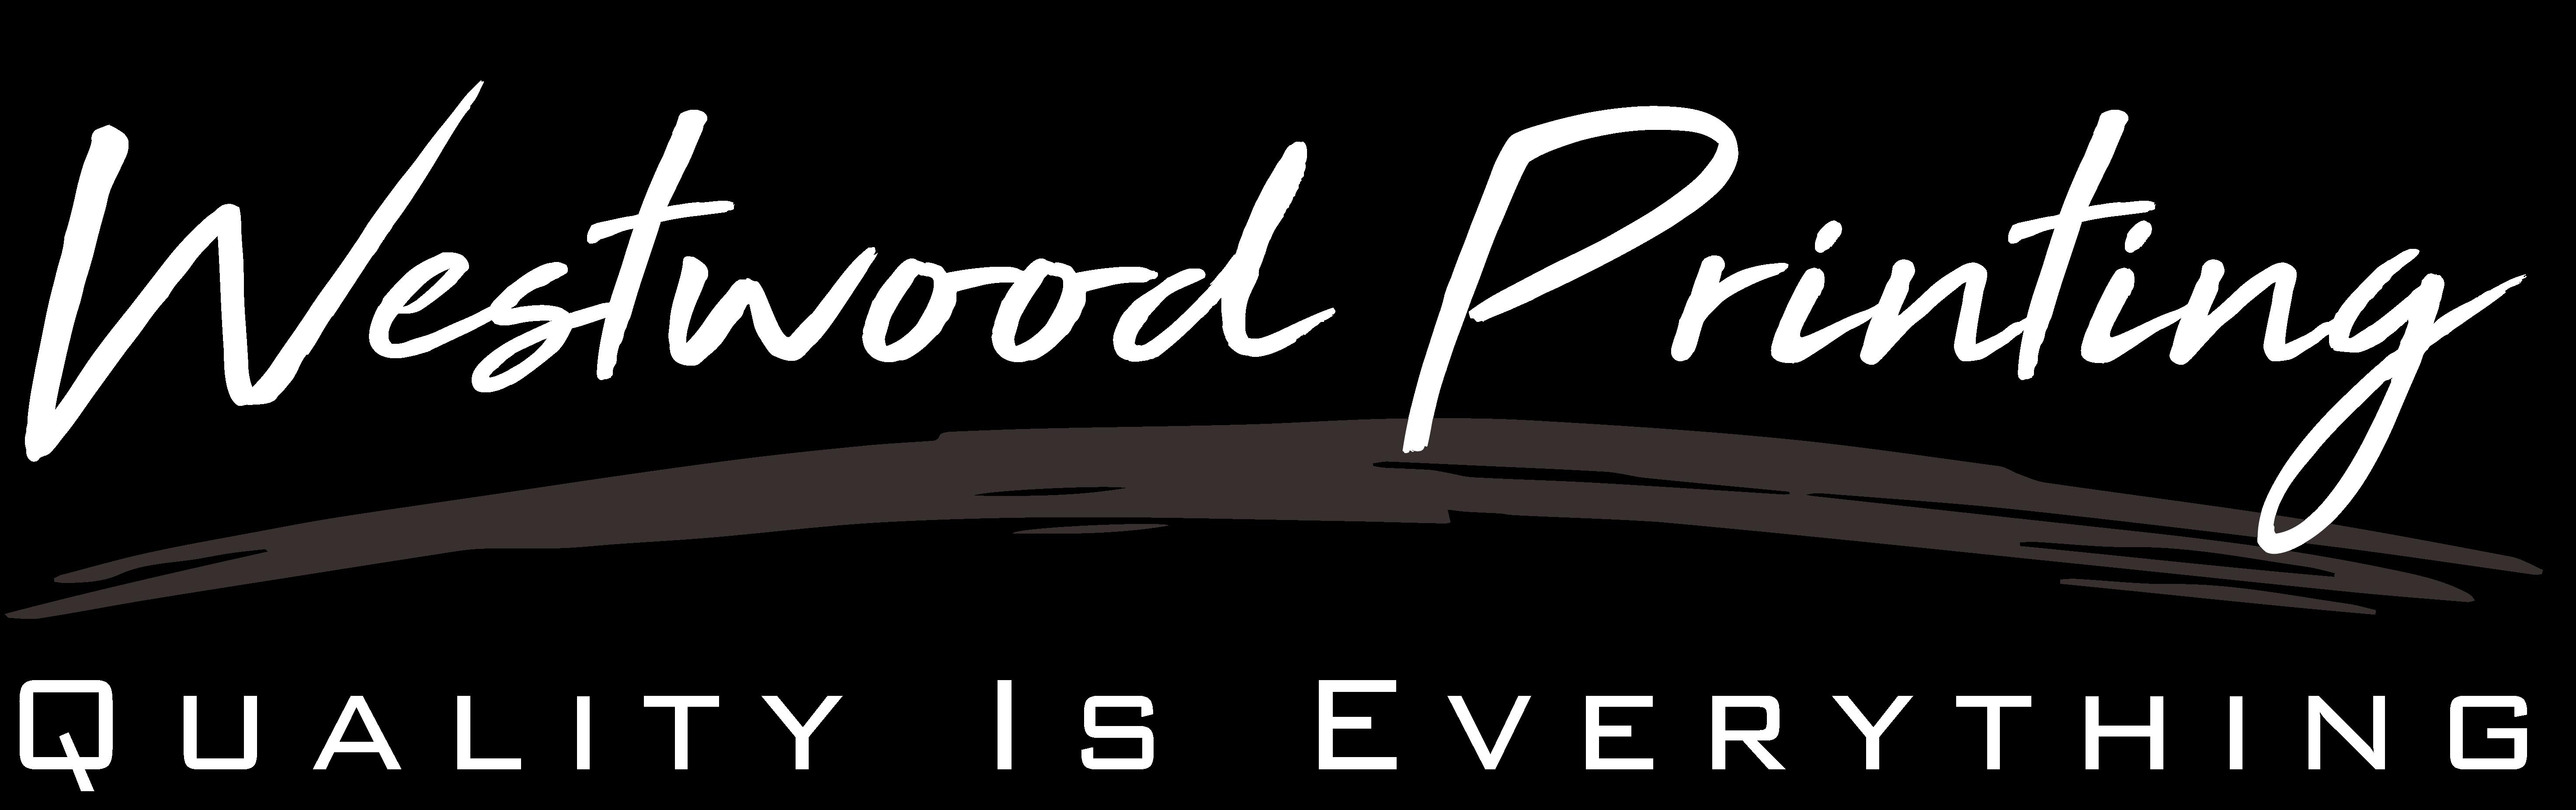 Westwood Printing & Signs